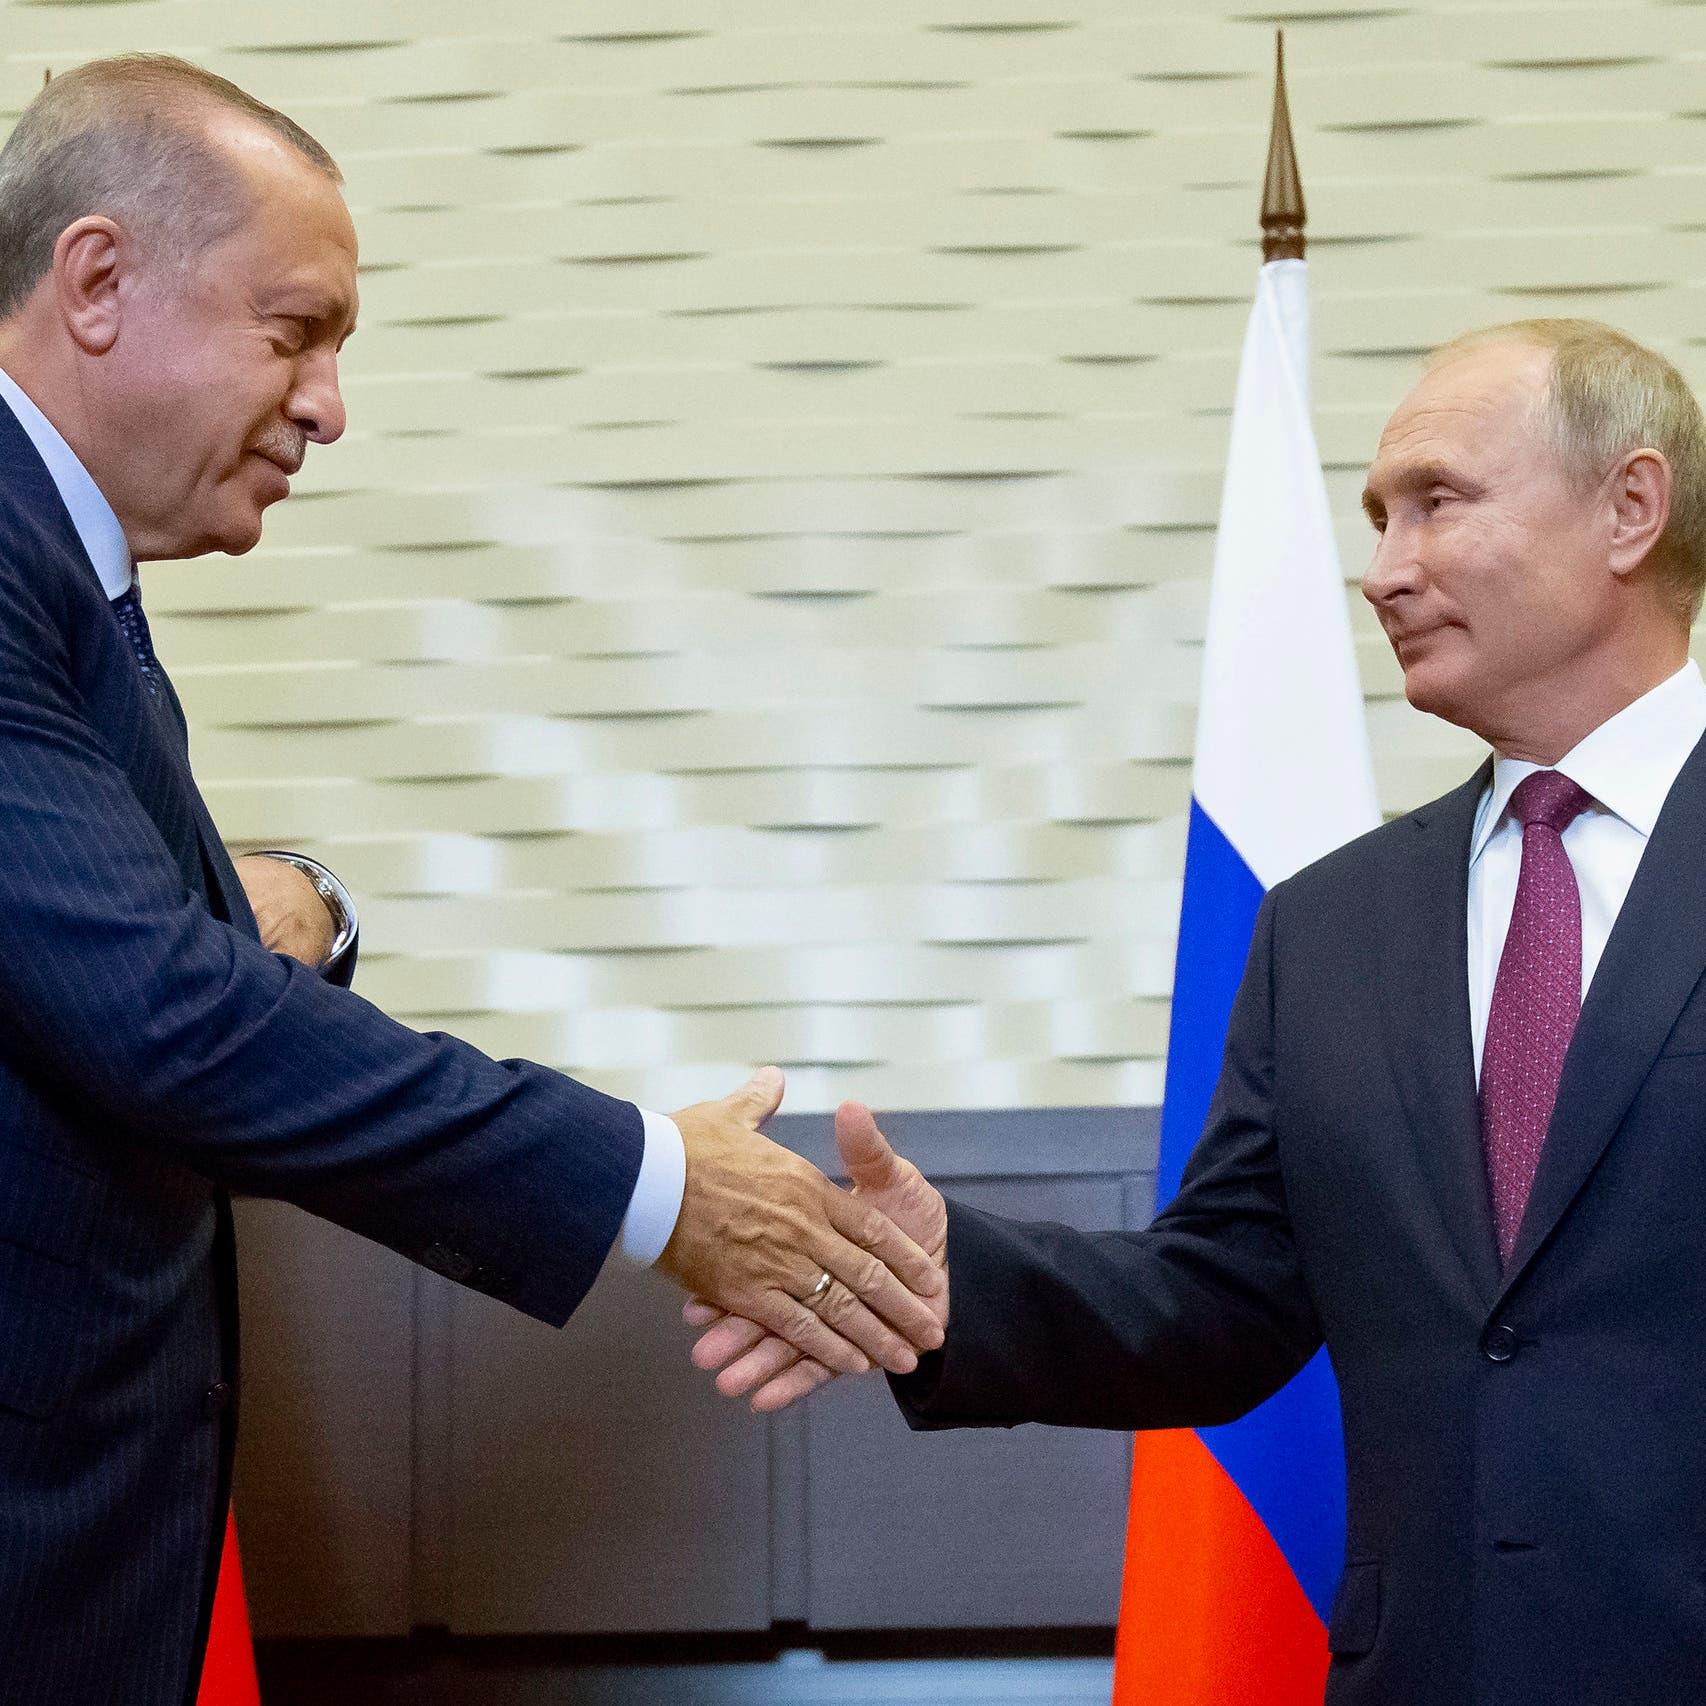 هذه بنود وتفاصيل اتفاق بوتين - أردوغان حول إدلب